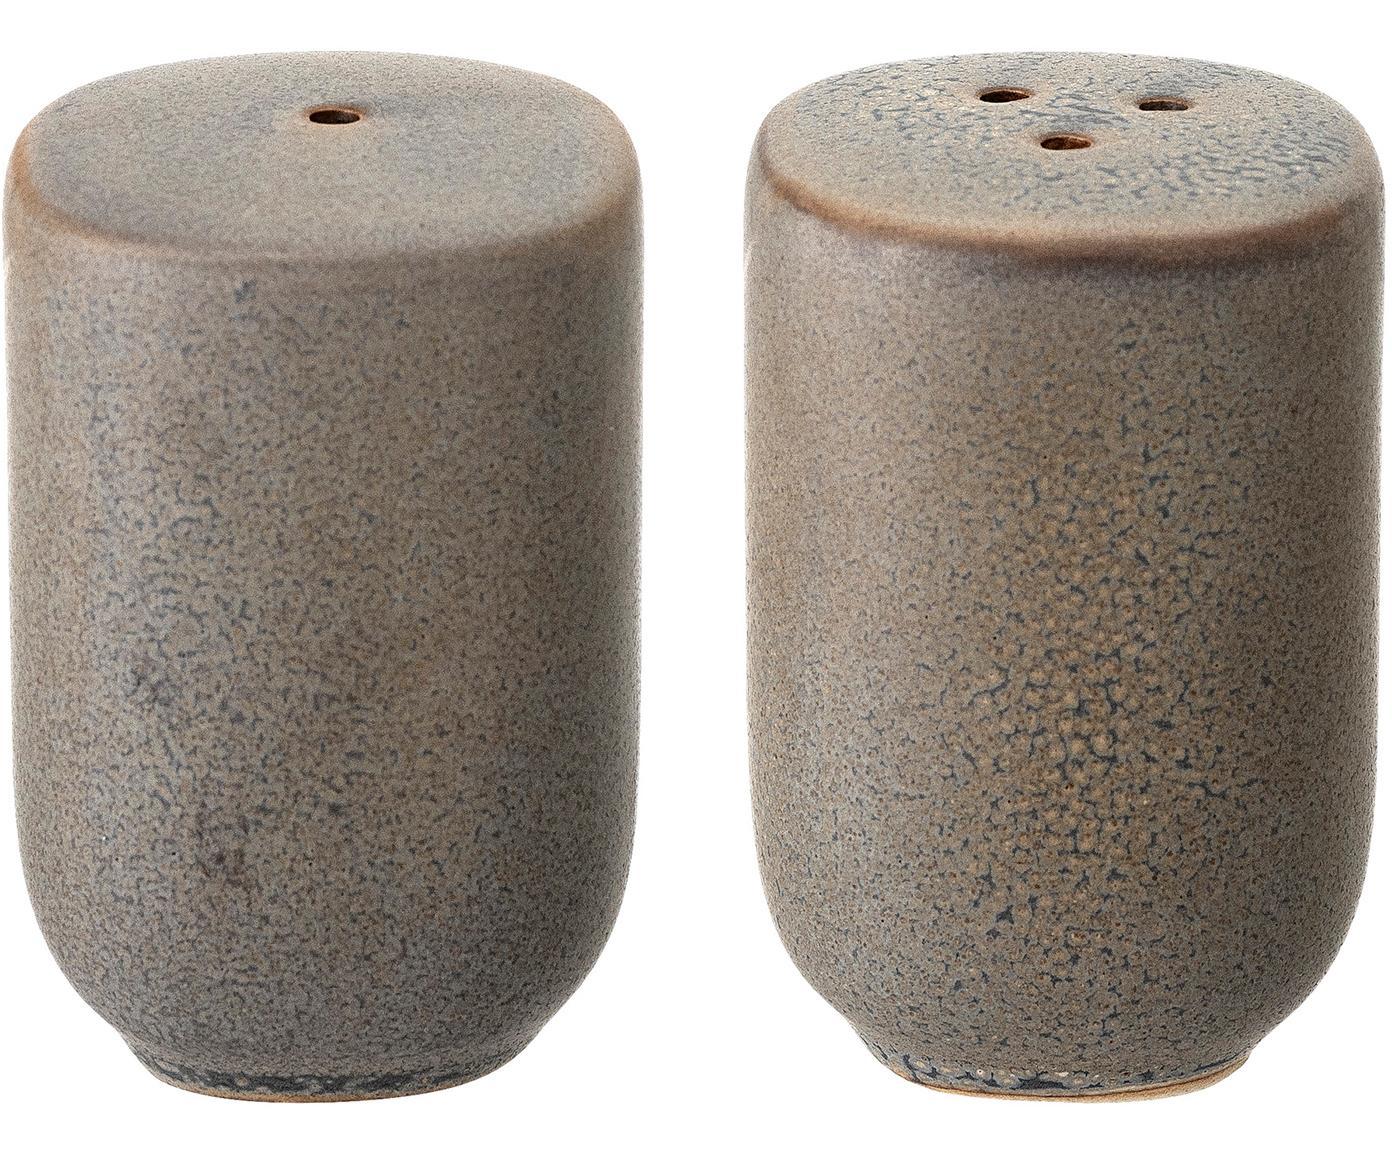 Handgefertigte Salz- und Pfefferstreuer Kendra, Steingut, Greige, Ø 5 x H 7 cm